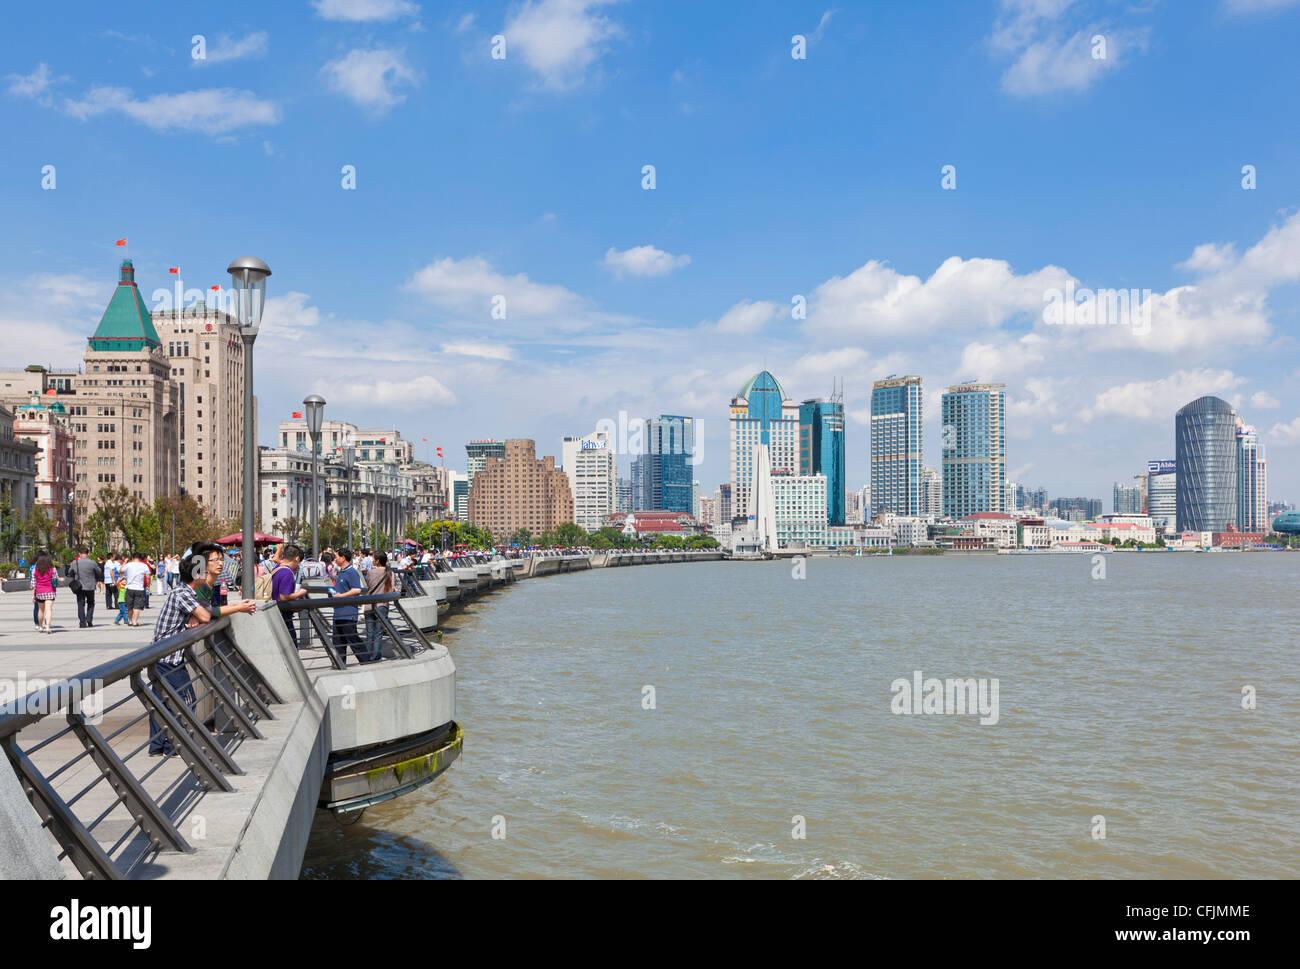 Le Bund bâtiments coloniaux et la ligne d'horizon, la rivière Huangpu, Shanghai, Chine, Asie Photo Stock